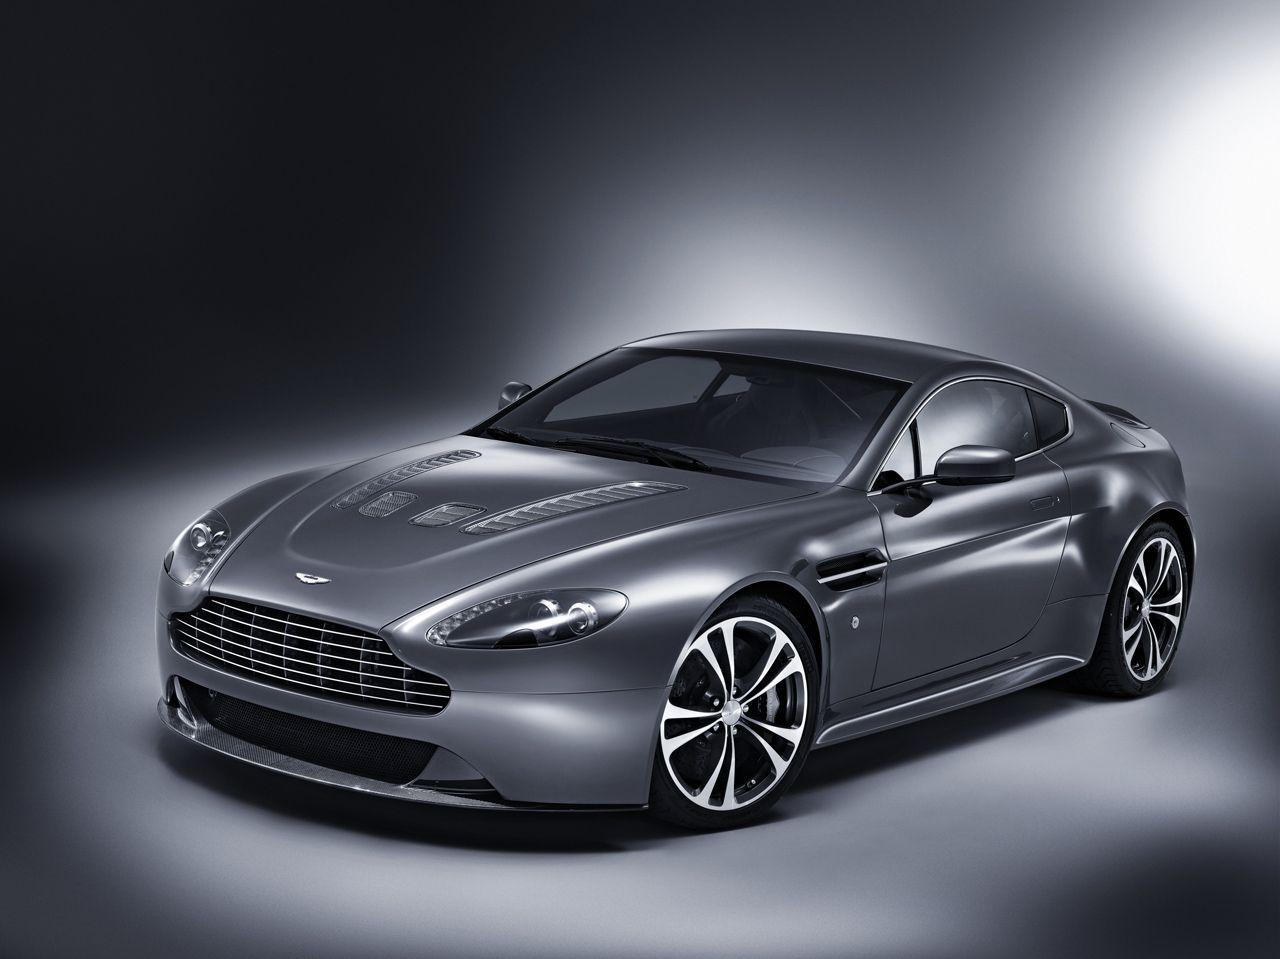 Aston Martin DB Specs Aston Martin DB Sports TopIsMagazine Yes - Aston martin specs